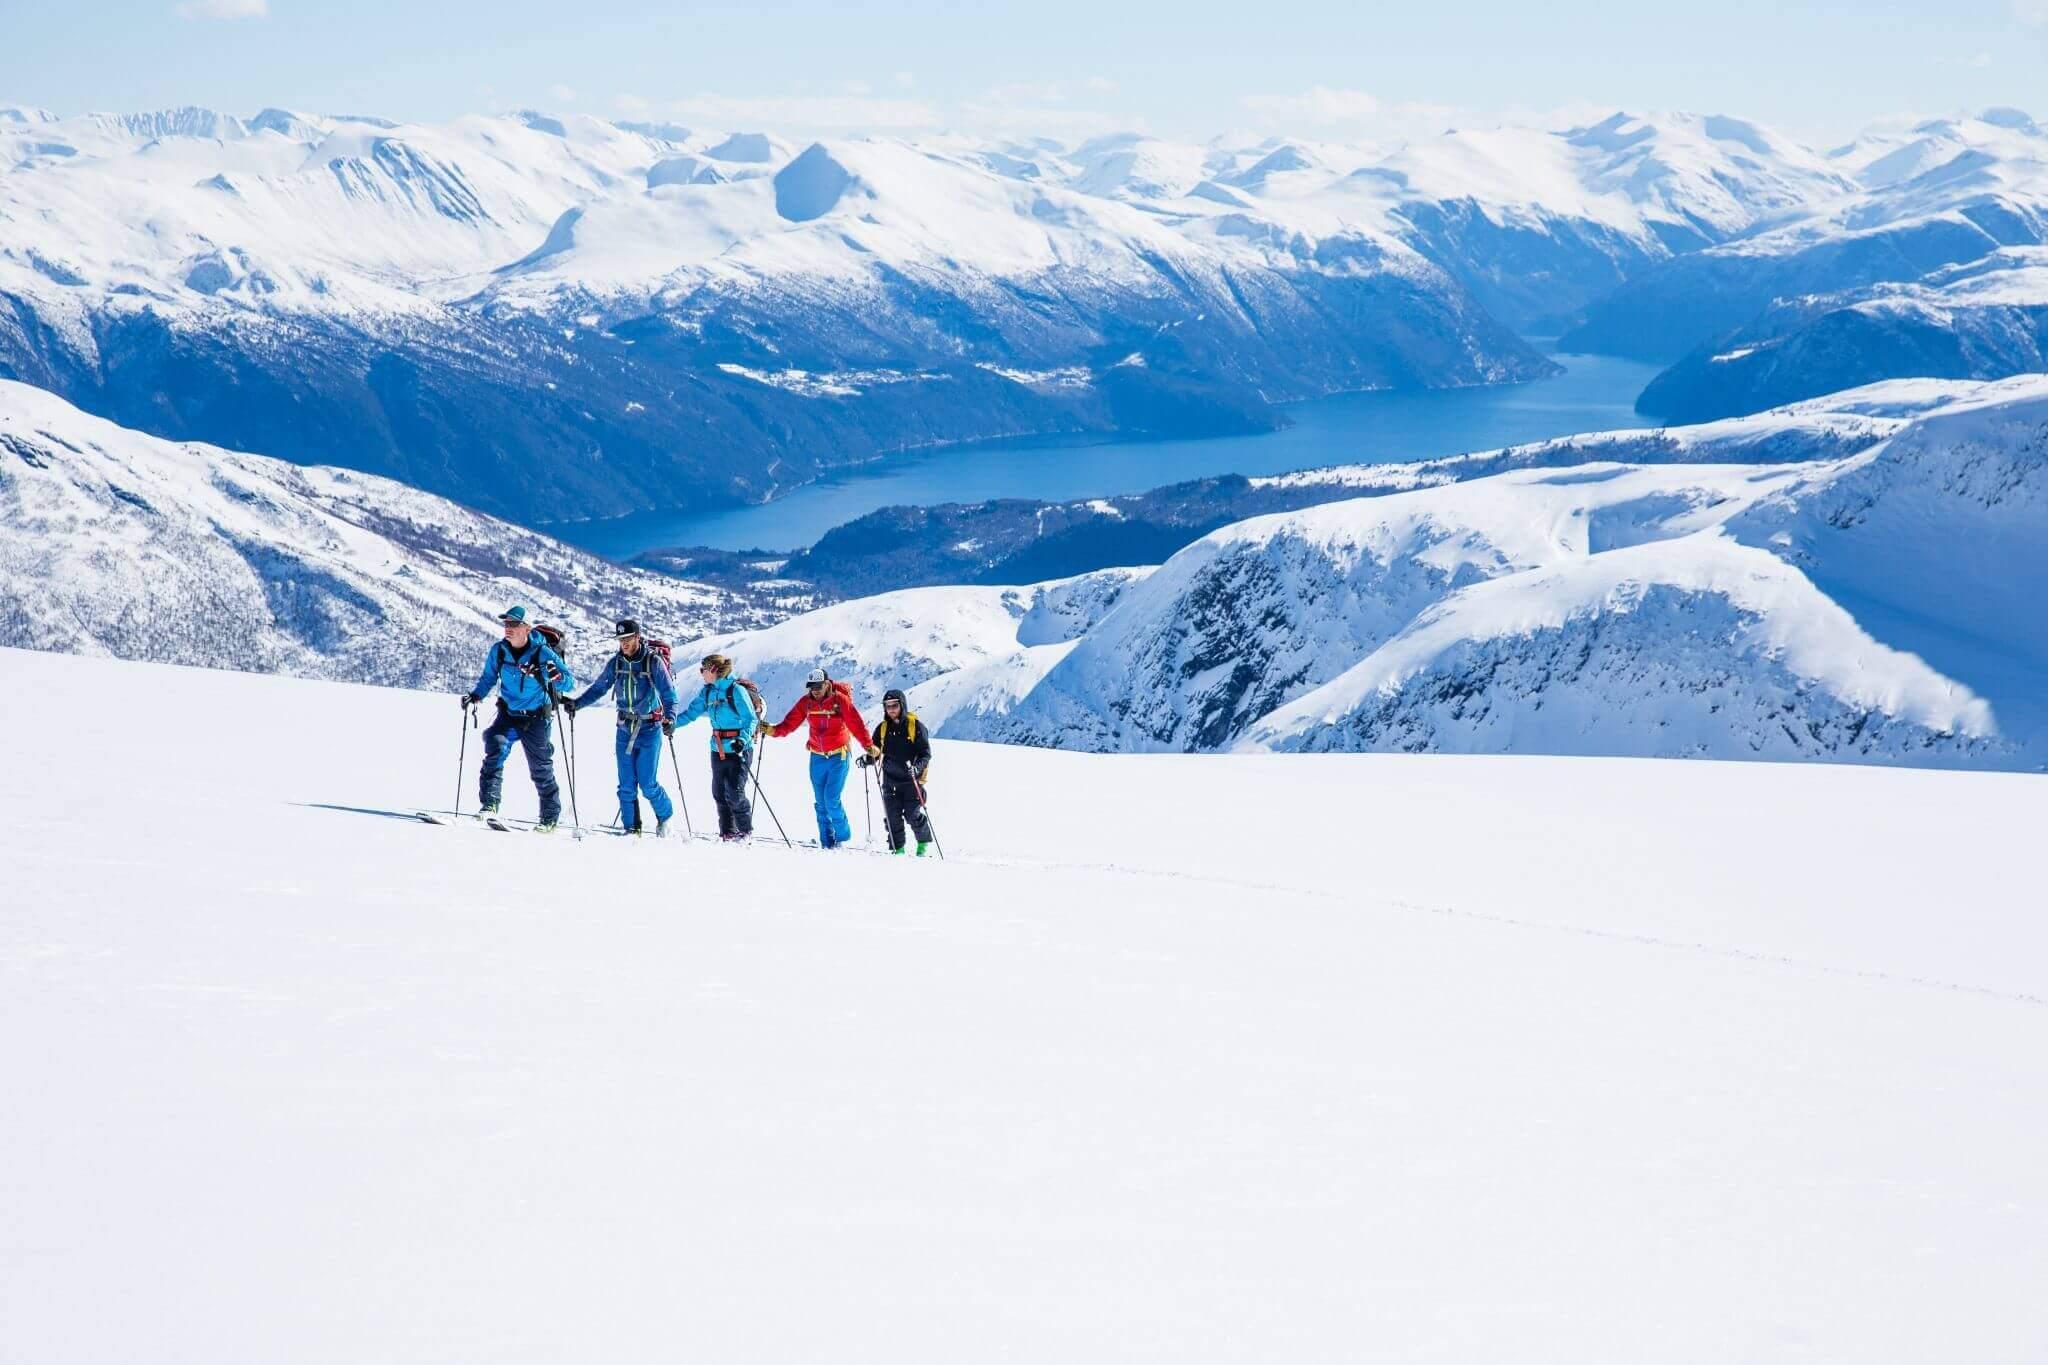 Ski touring week in Sunnmøre